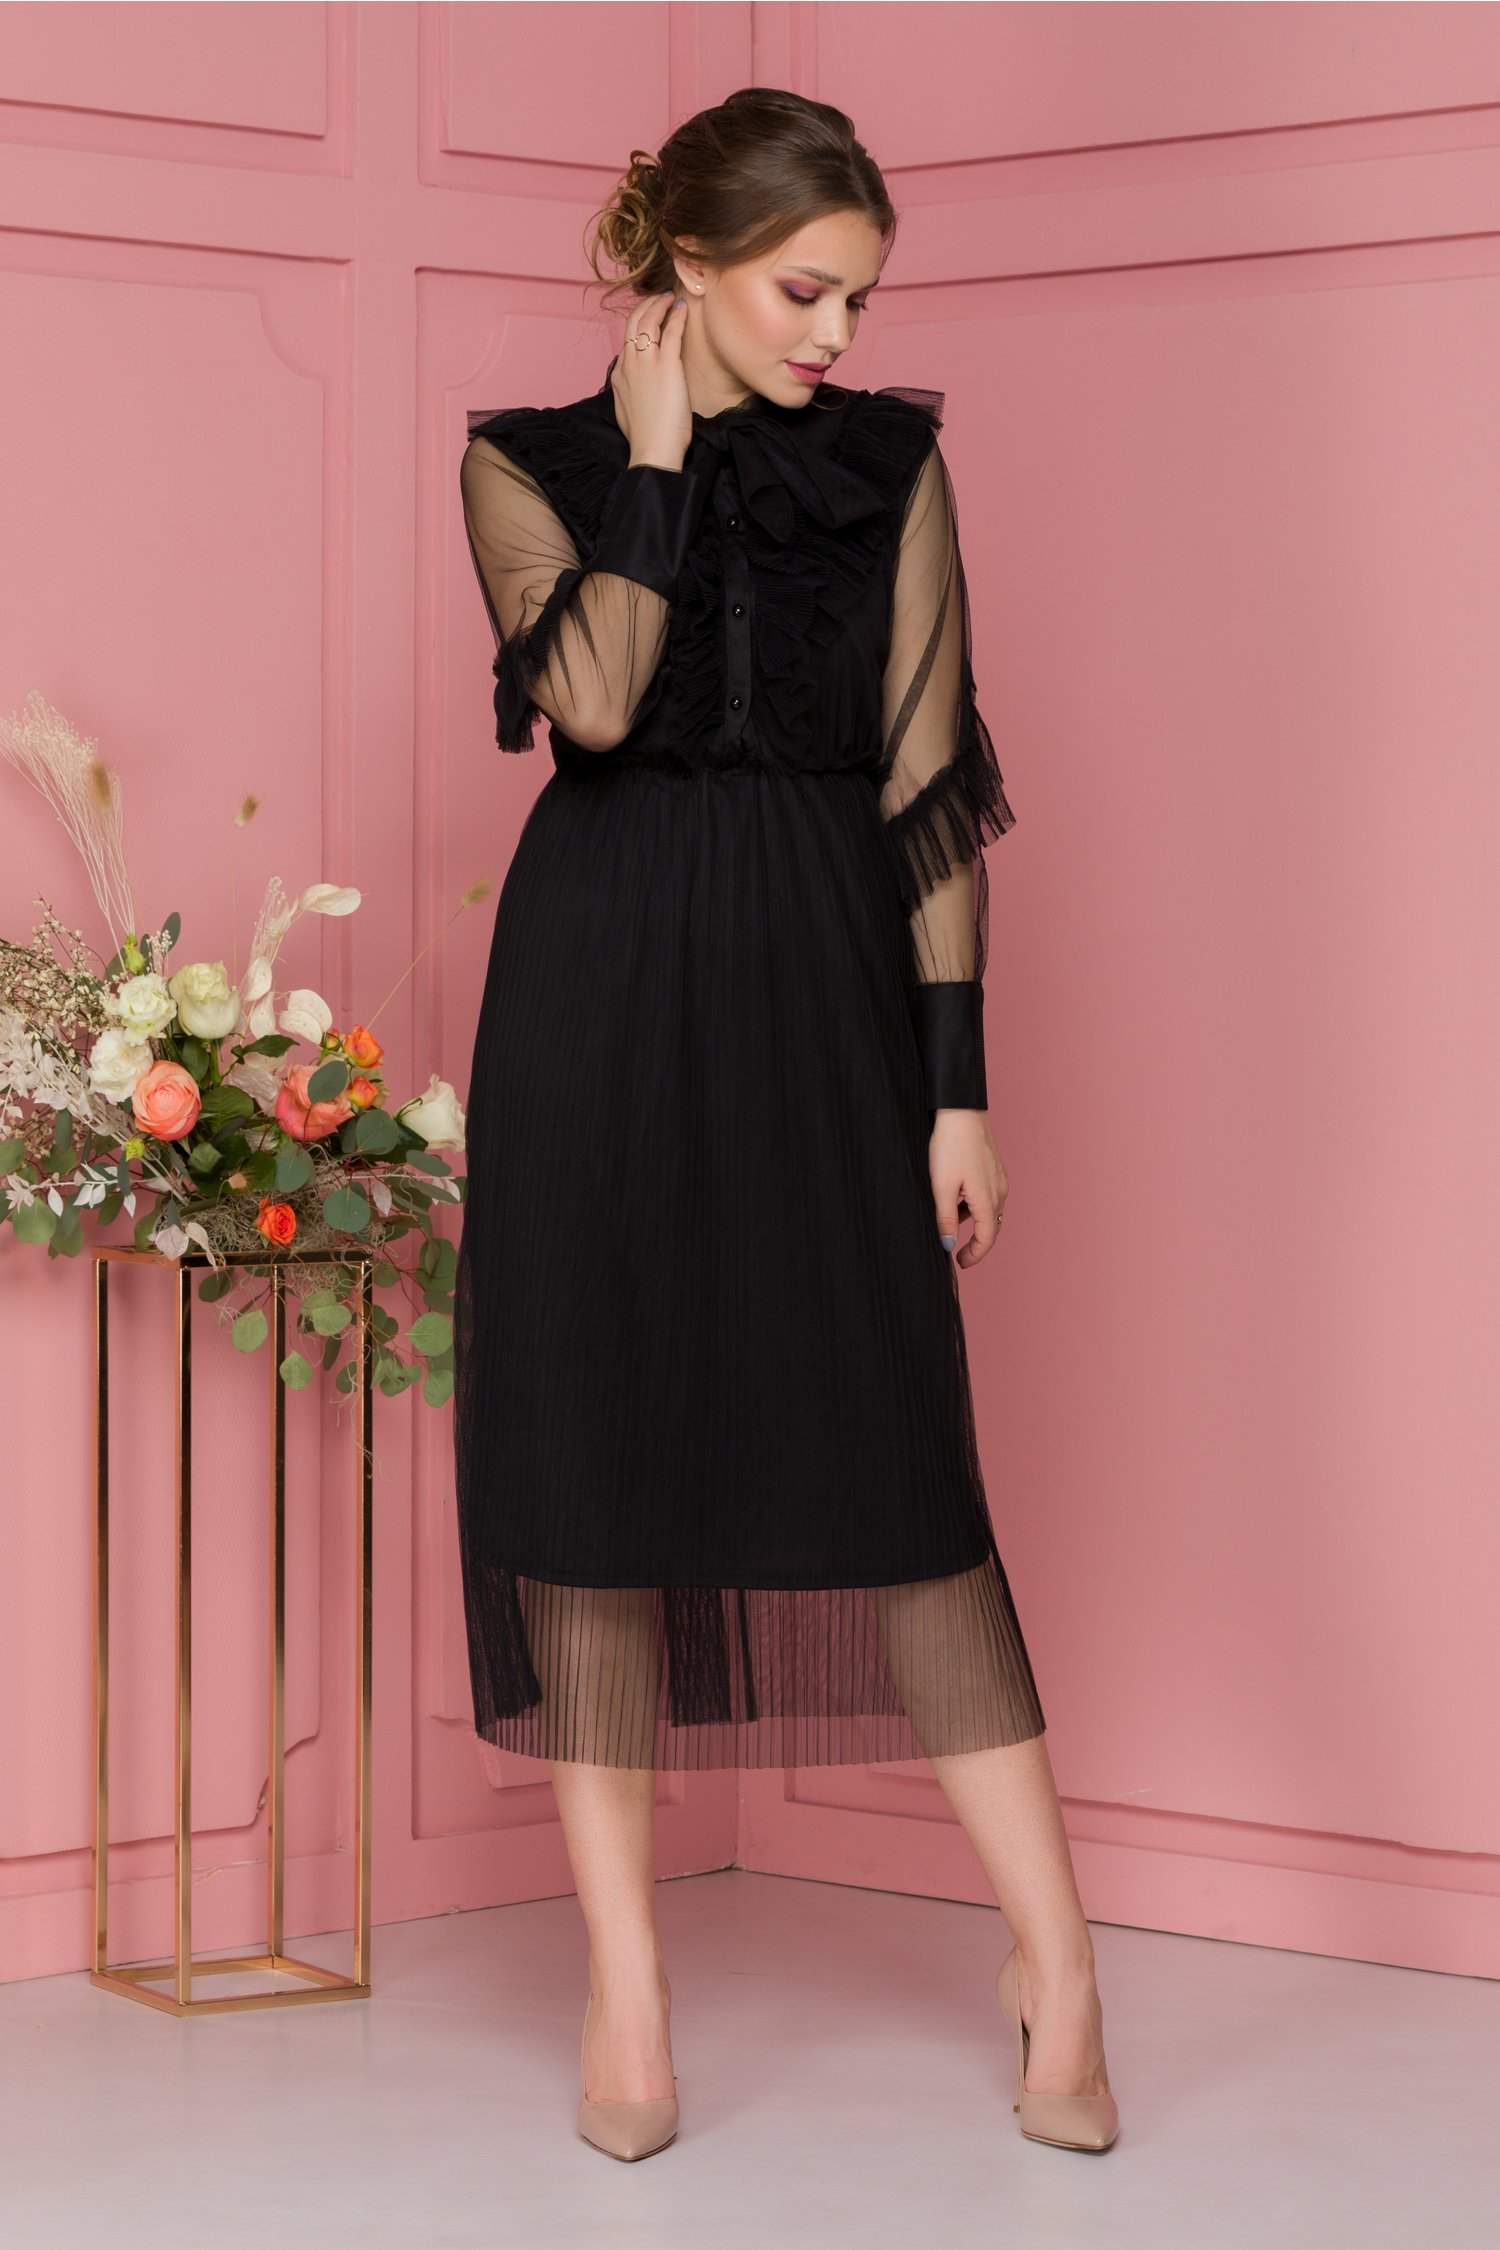 Rochie neagra din tull cu volane, cordon la gat si fusta in pliuri